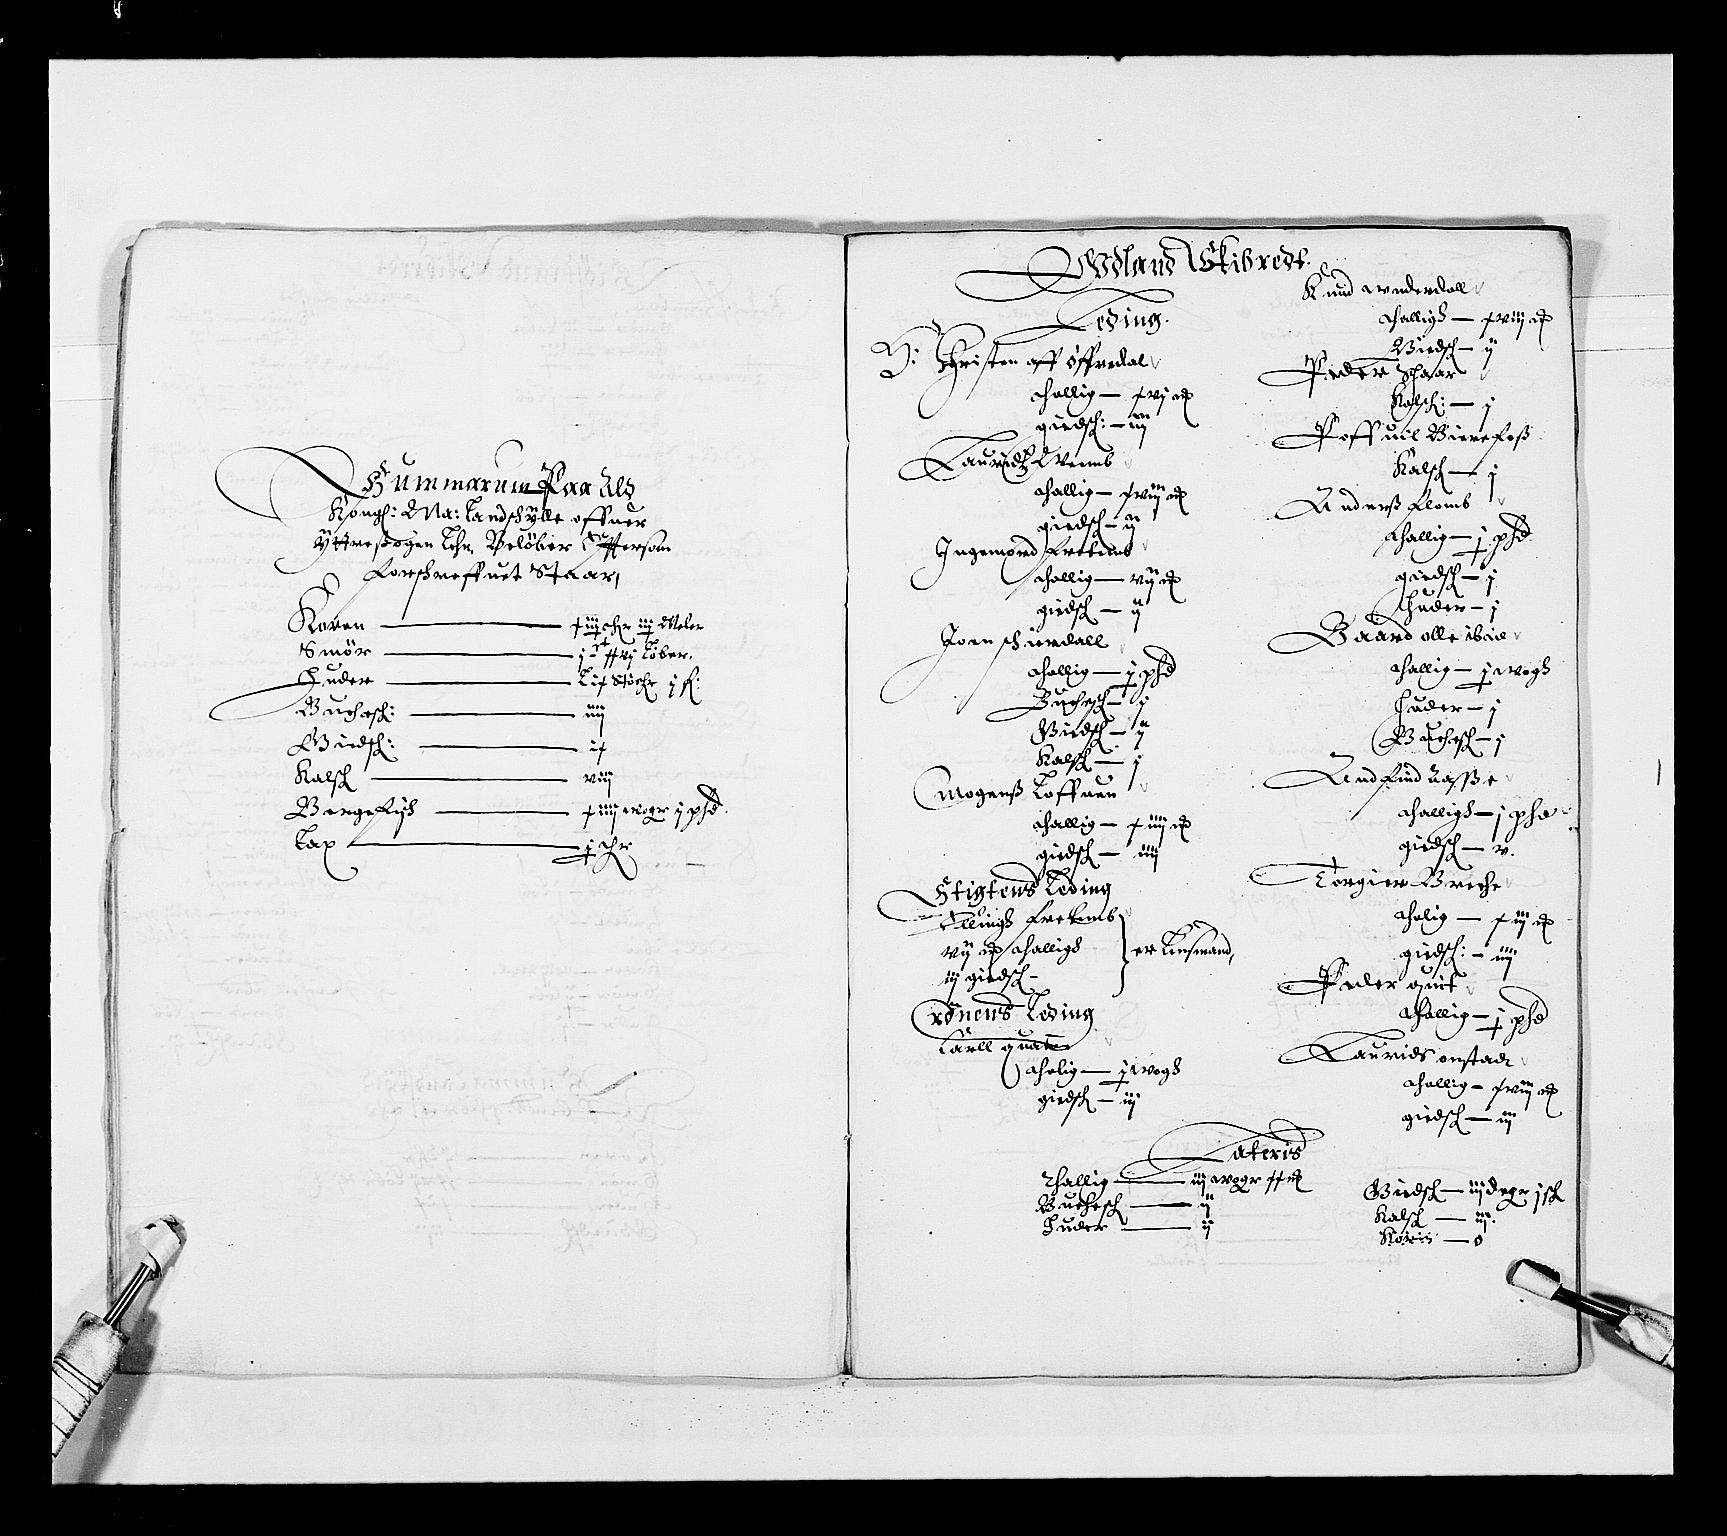 RA, Stattholderembetet 1572-1771, Ek/L0025: Jordebøker 1633-1658:, 1645-1646, s. 119